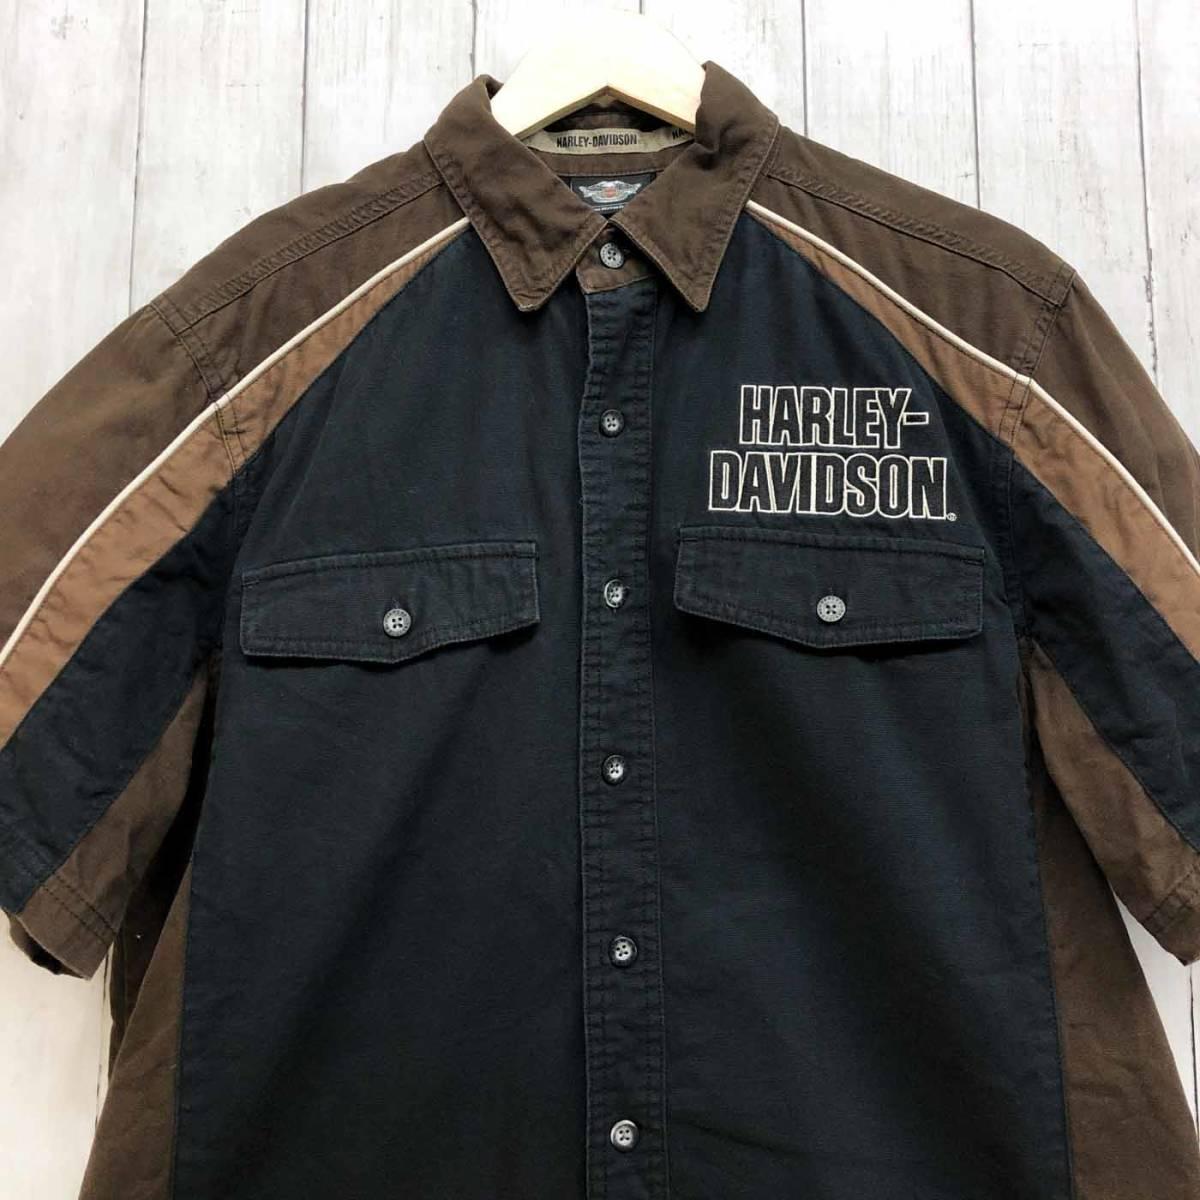 HARLEY DAVIDSON ハーレーダビッドソン 古着 半袖シャツ メンズ コットン100% Mサイズ 9-66_画像1